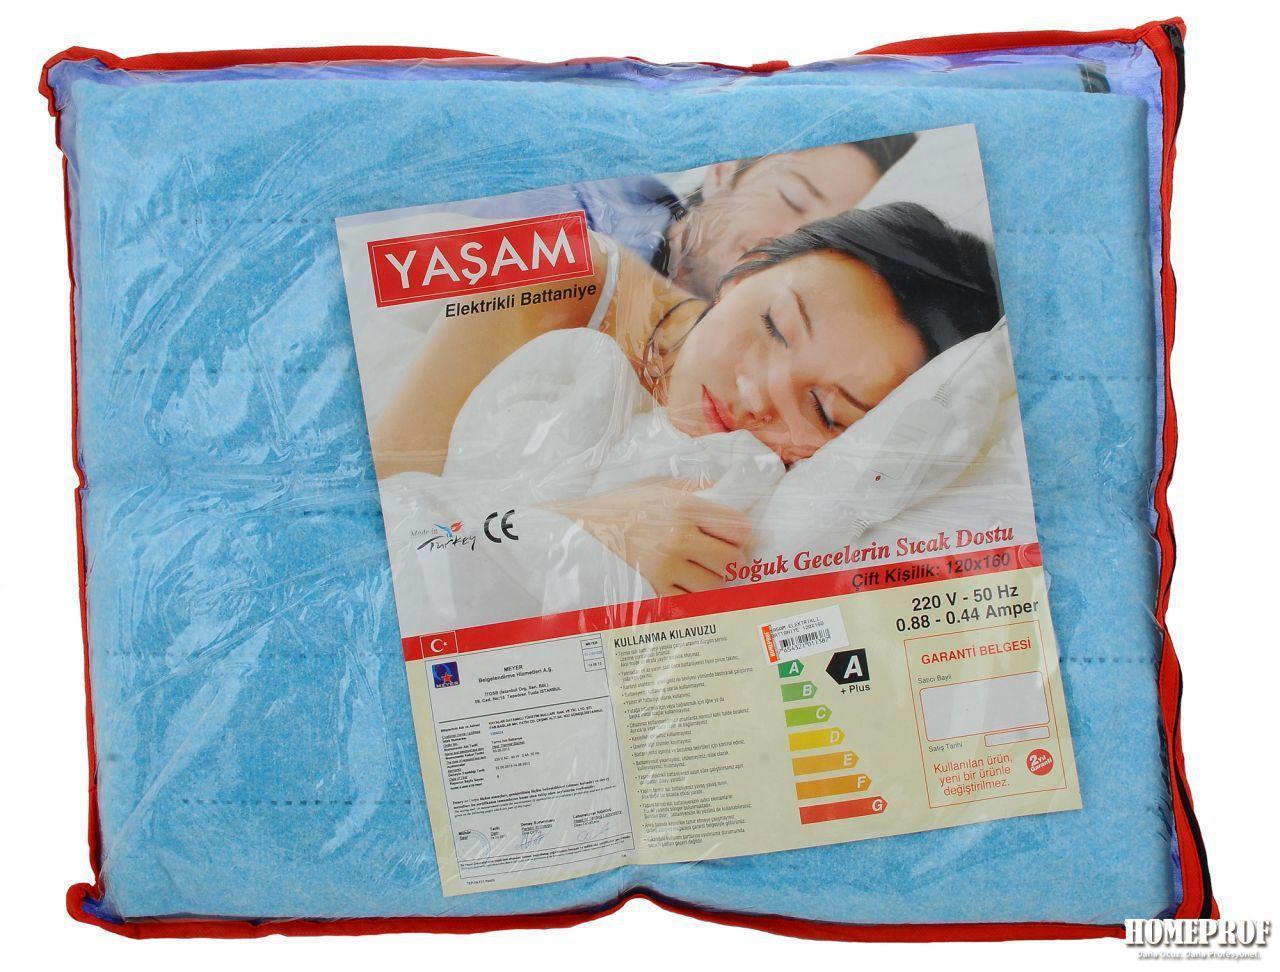 Простынь с подогревом 120 х 160 см - Yasam (Турция)